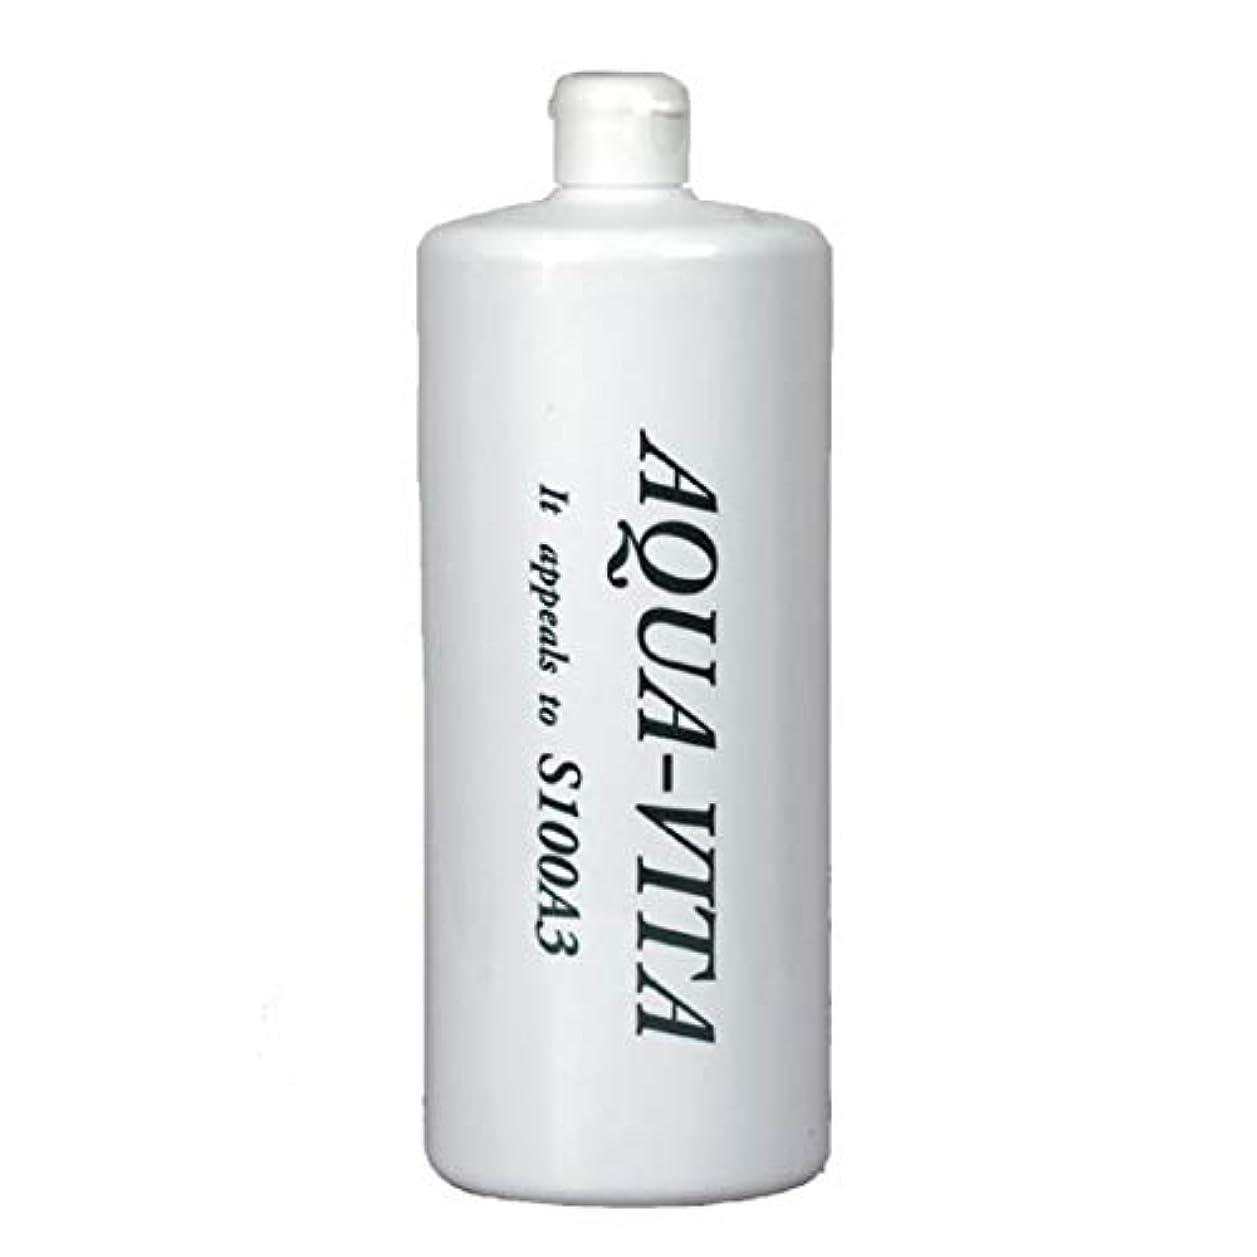 必要とするクマノミ祭り全身用化粧水 アクアヴィータ (1000ml (お得用サイズ))